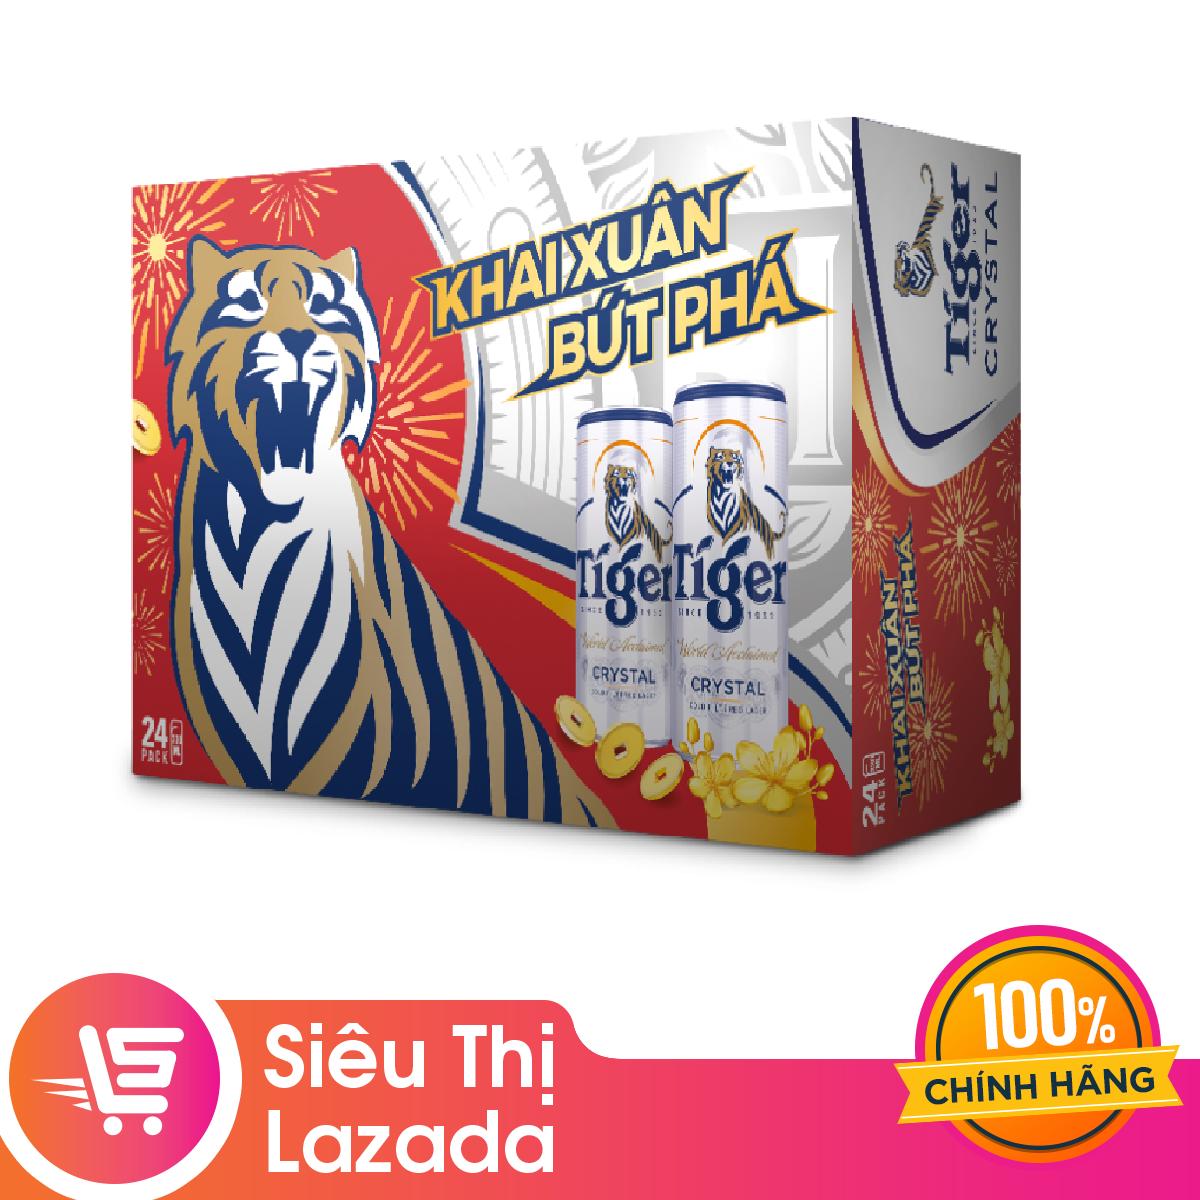 [Siêu thị Lazada] [Freeship + voucher 20k] Thùng 24 lon Tiger Crystal bao bì tết – Giới hạn 5 sản phẩm/khách hàng